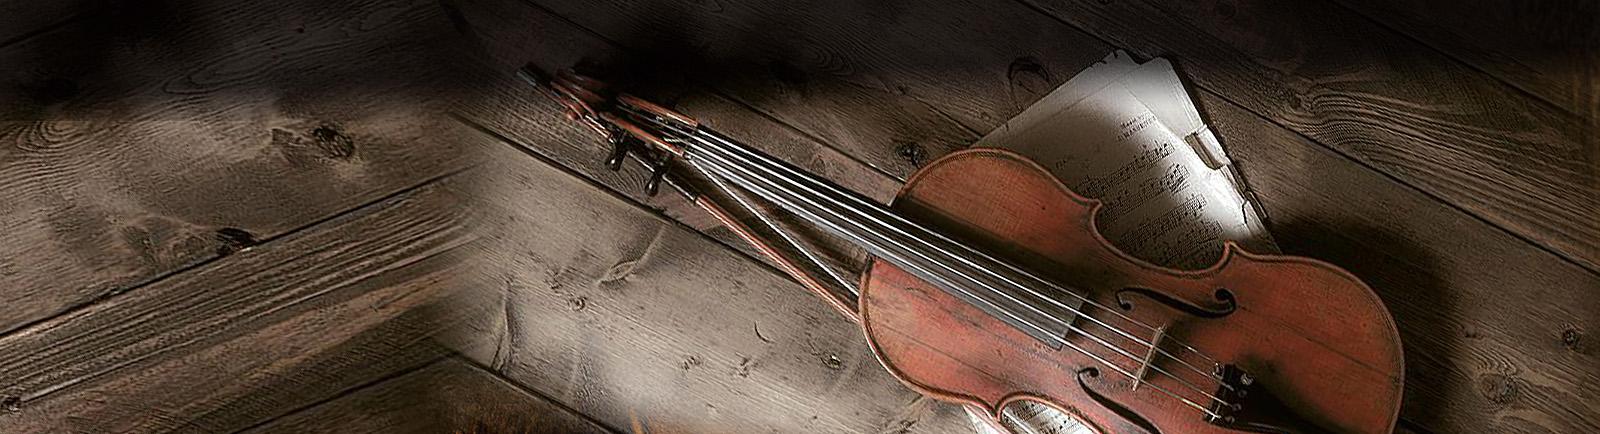 Los angeles violin shop violin shop violin repair shop for Yamaha music school los angeles